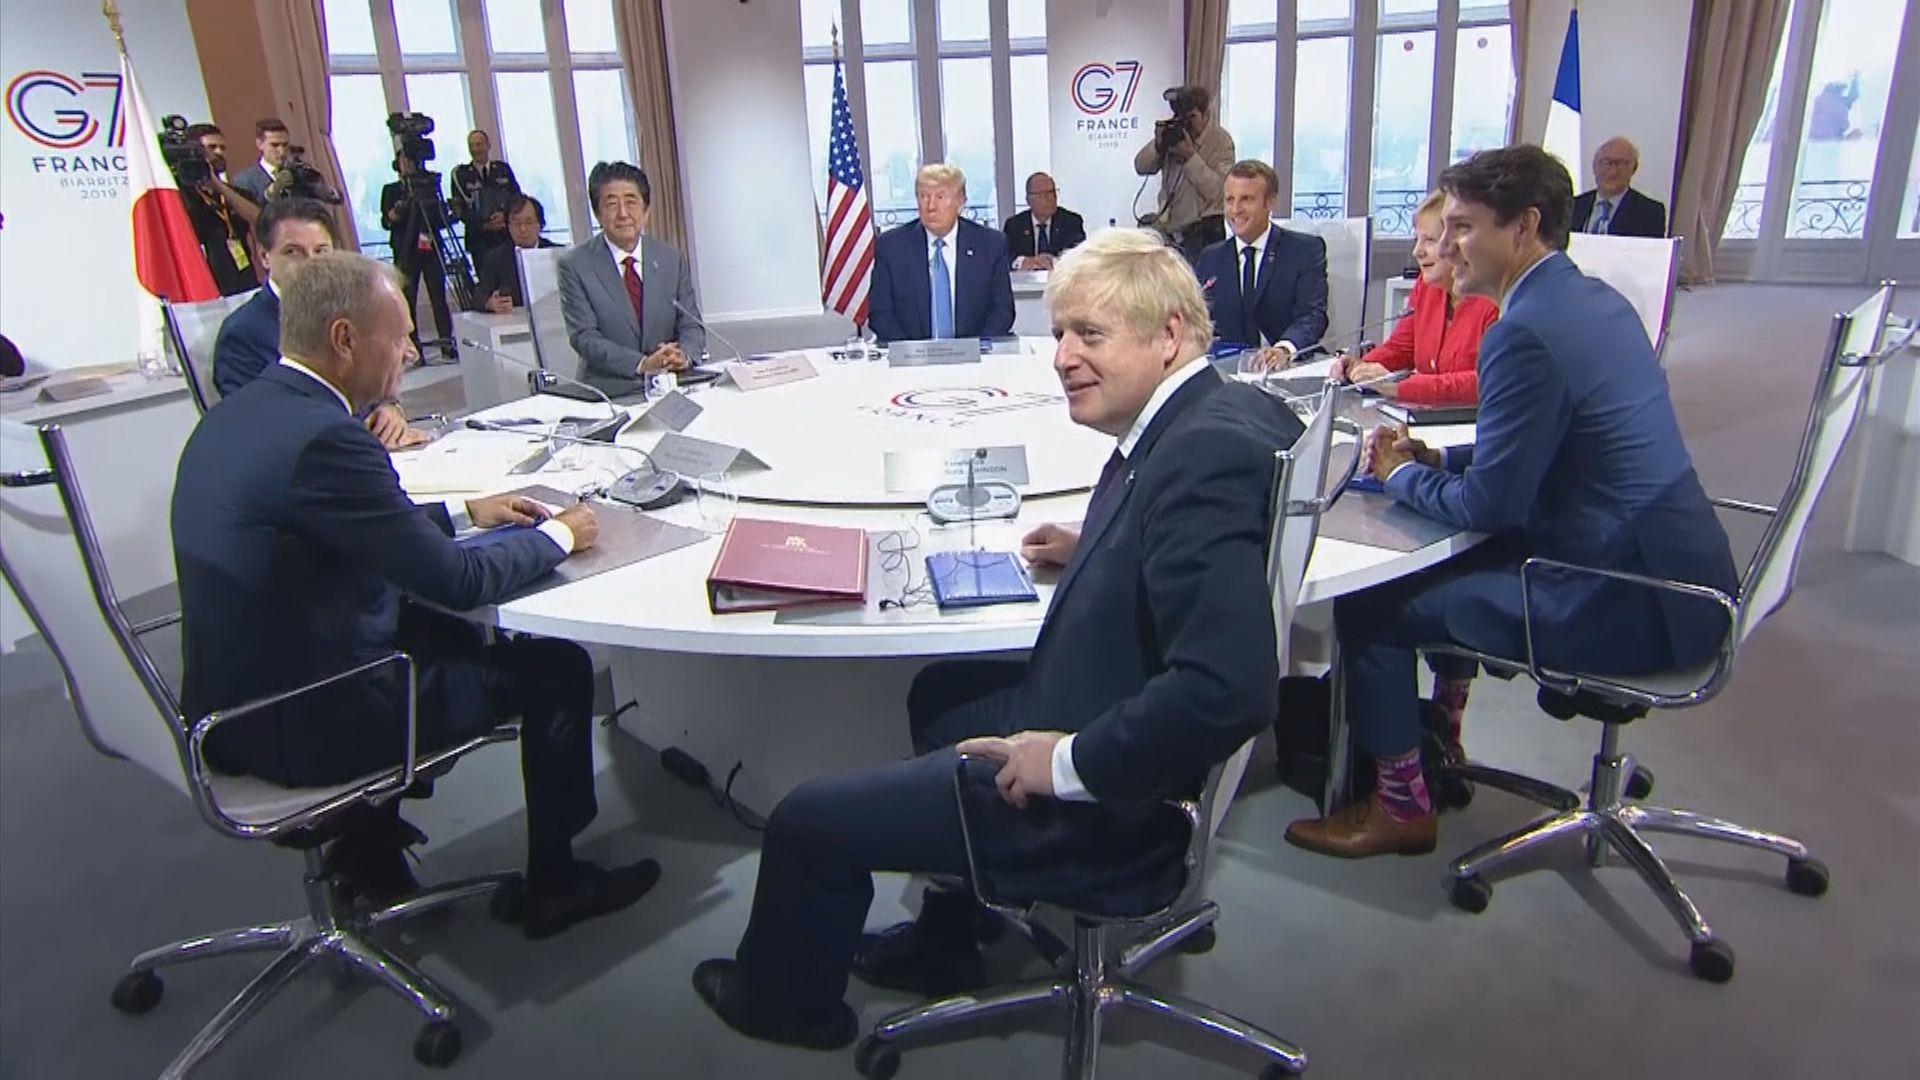 七國集團峰會談及全球經濟和伊朗核問題